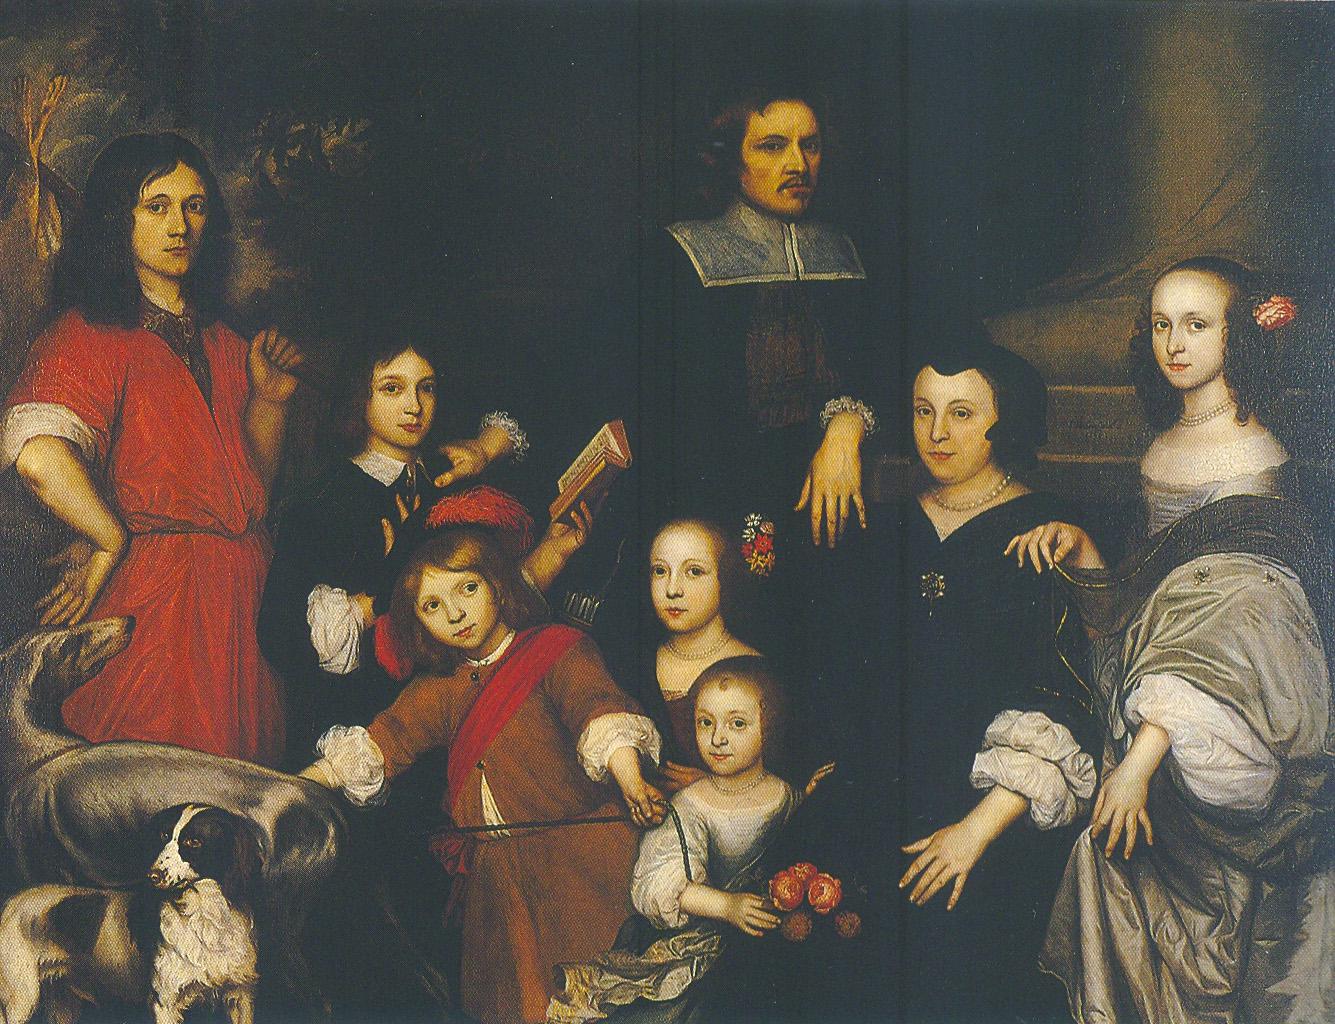 הנדריק נורדוויל, דיוקן משפחה עם שישה ילדים, 1656